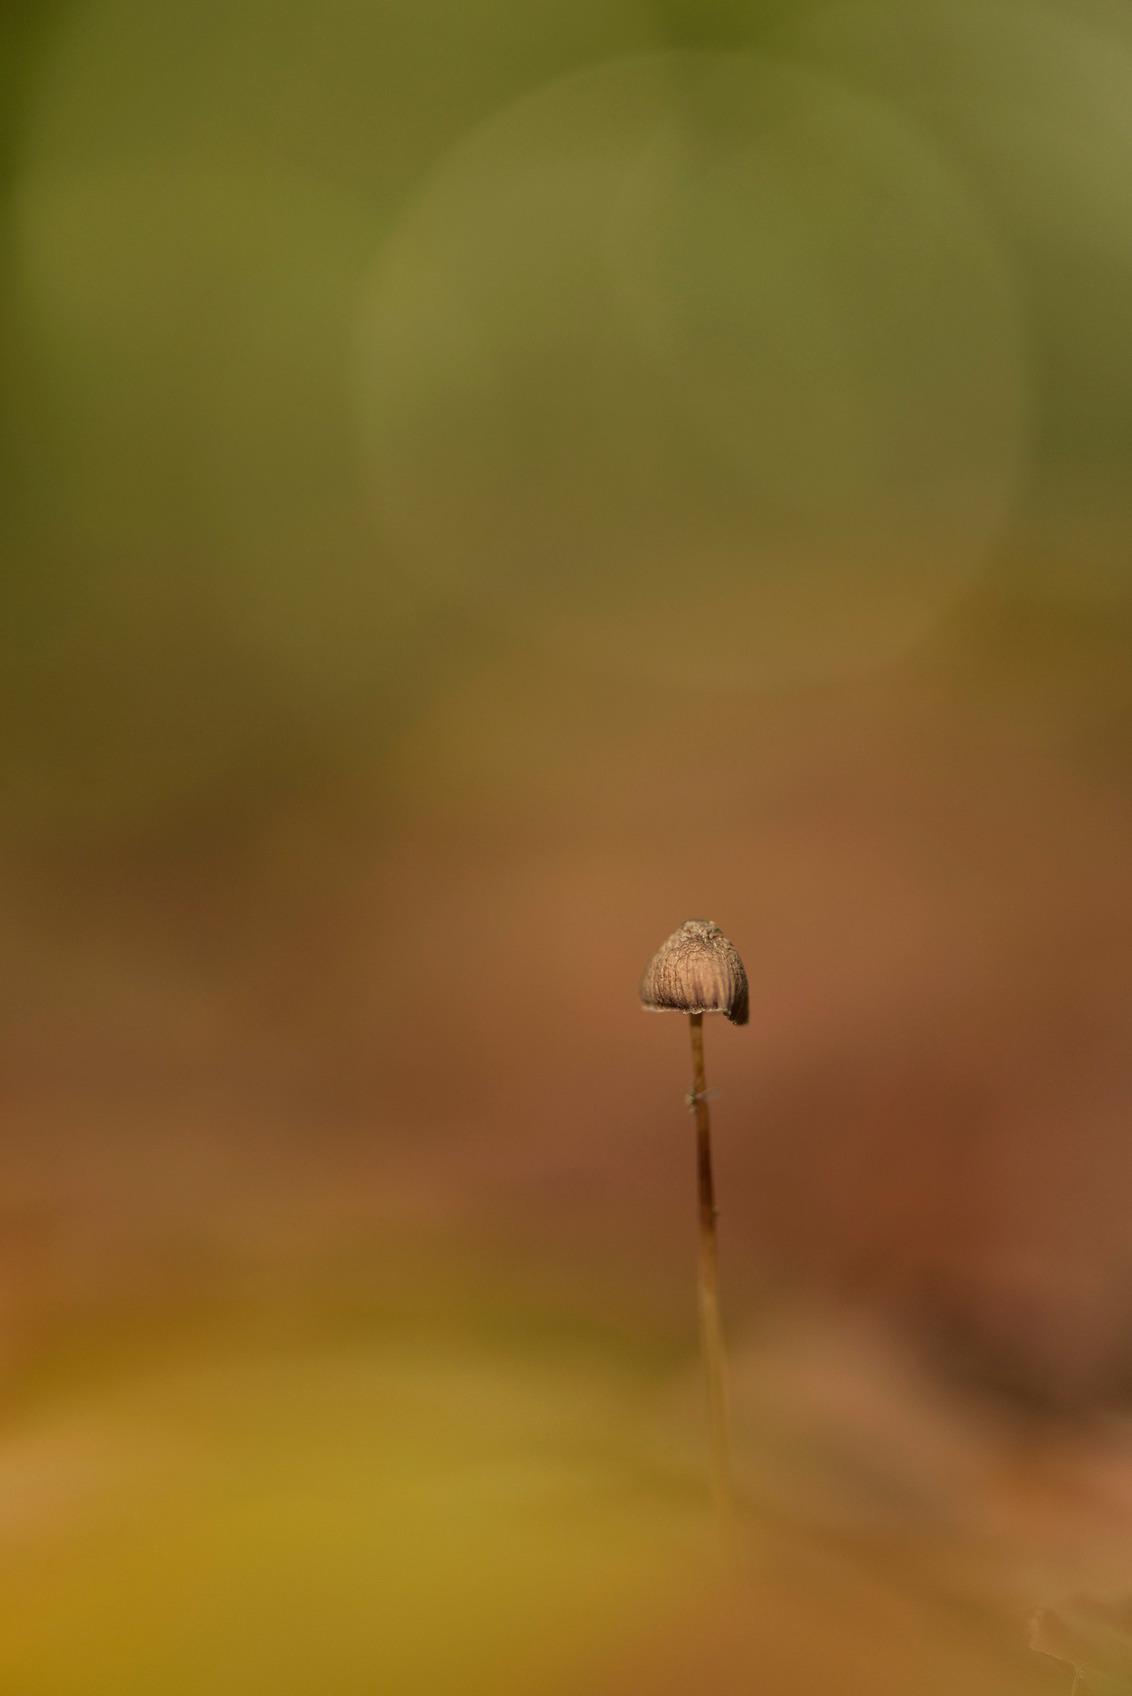 """Fier en trots - bij weer en wind, maar staan blijven zal ik ....  Bedankt voor de fijne reacties op """"Leven na de dood"""". - foto door Amyl op 15-11-2015 - deze foto bevat: groen, macro, natuur, geel, paddestoel, herfst, bos, dof, bokeh, nikon d750"""